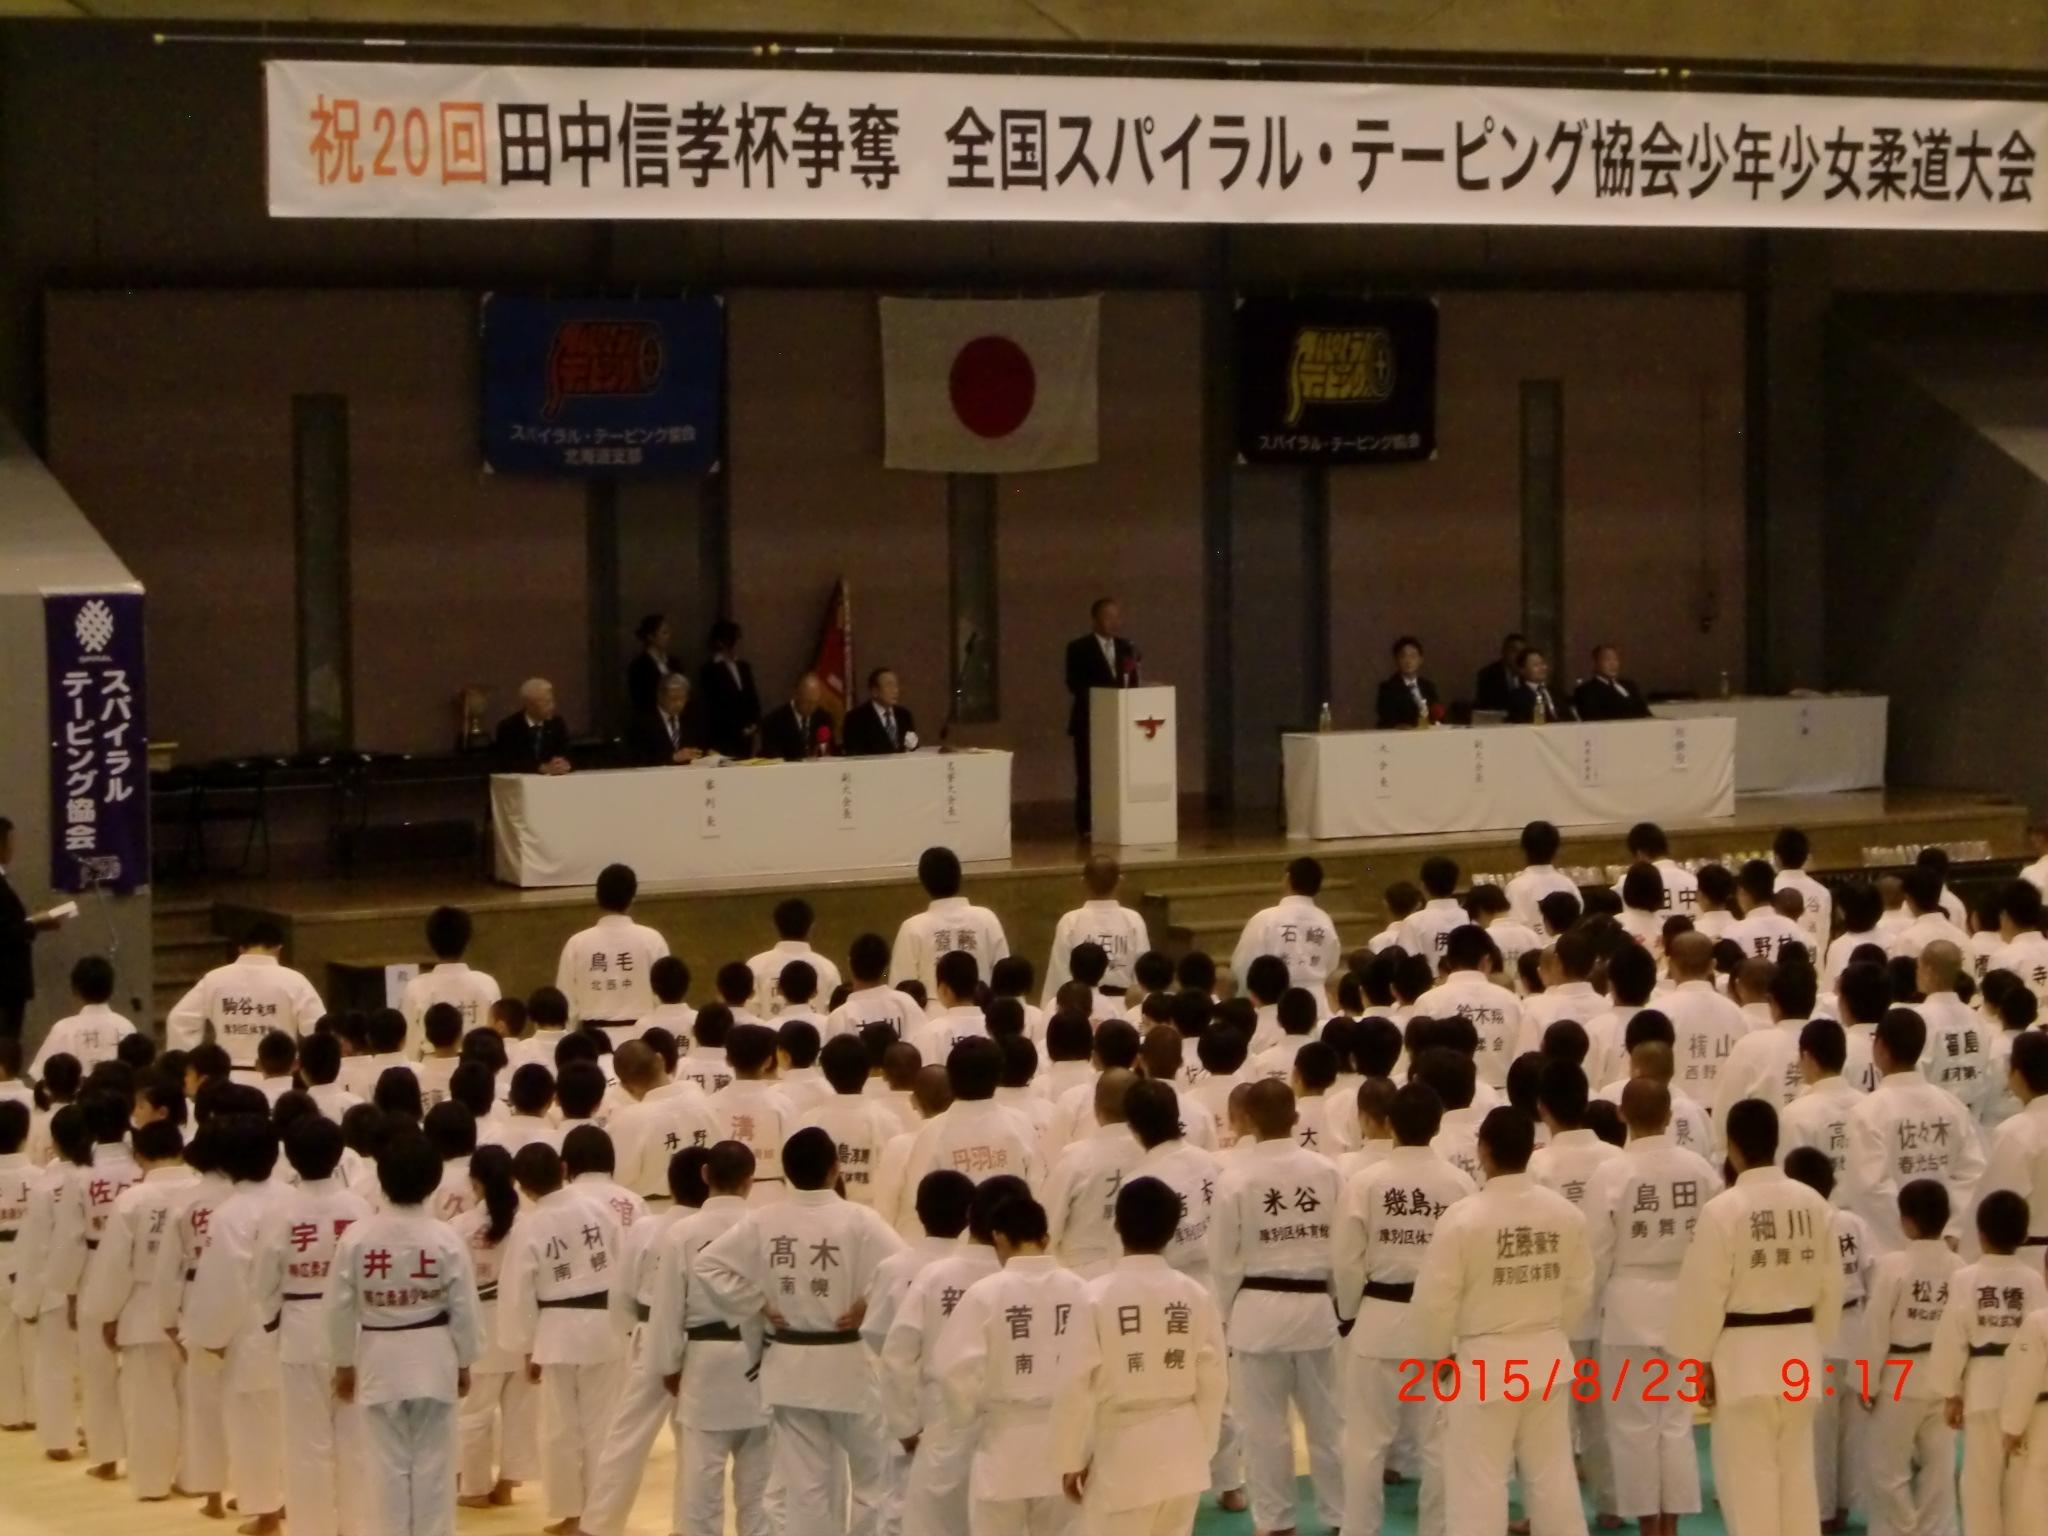 第20回柔道大会